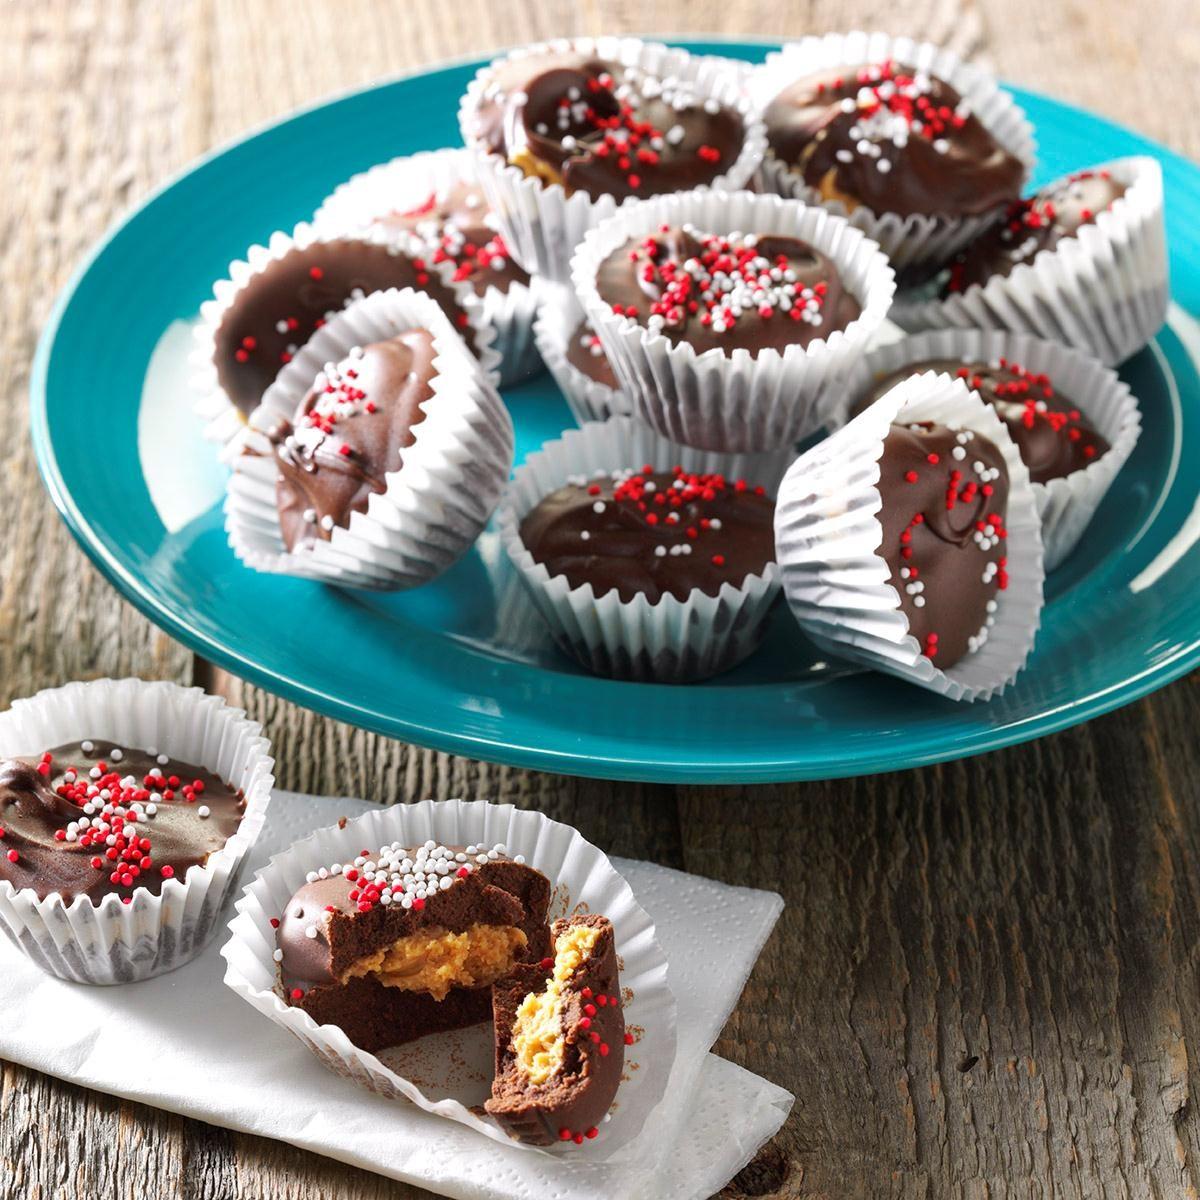 Peanut Butter Dessert Recipes: 10 Delicious Candy Bar Copycat Recipes